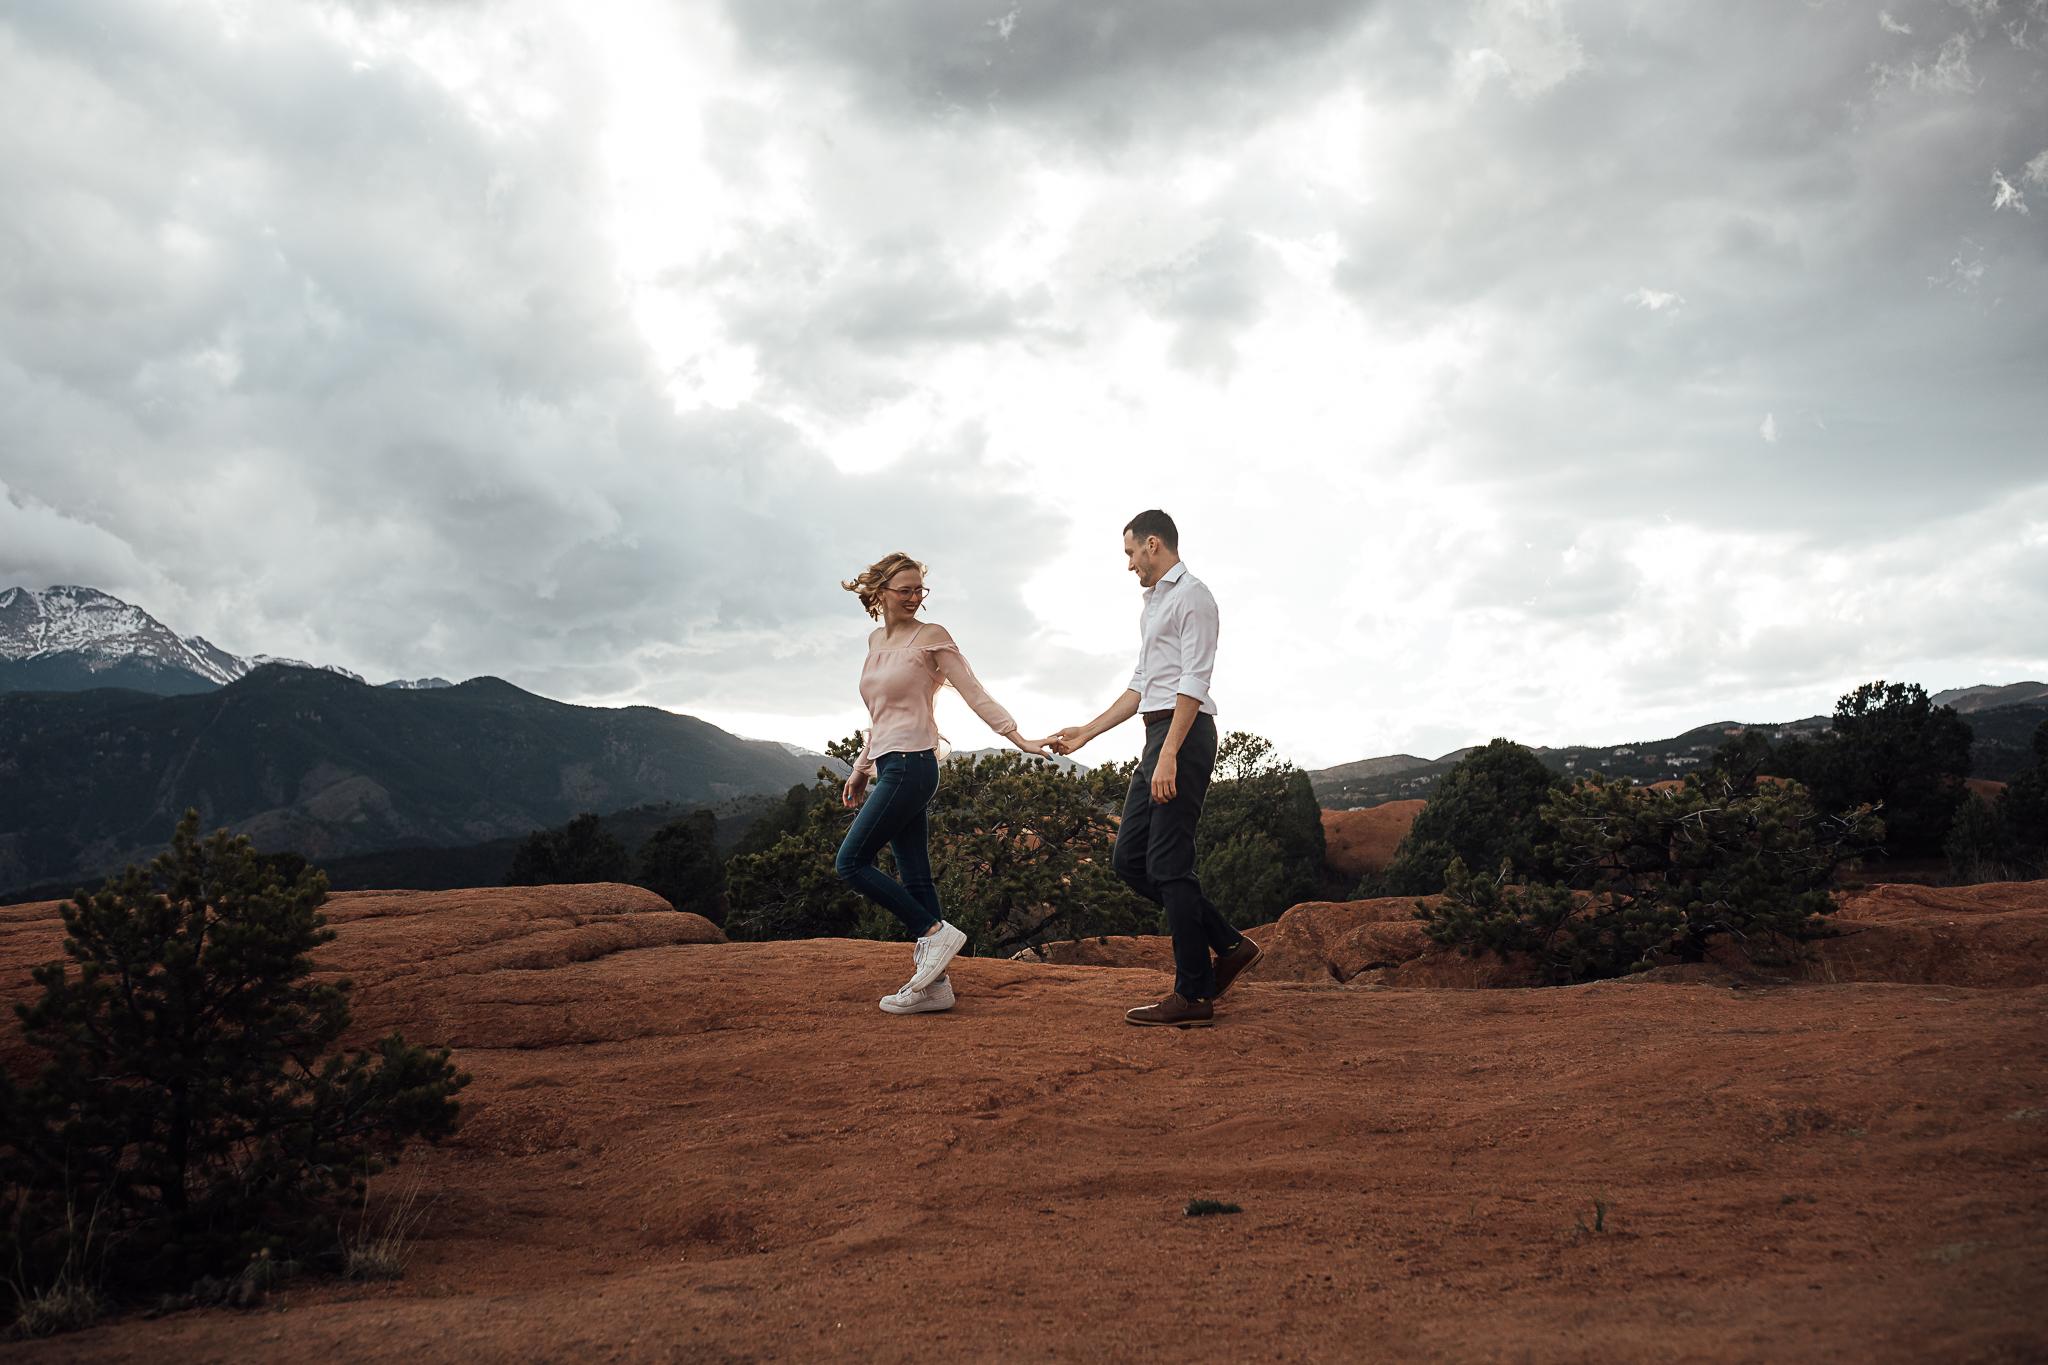 Elizabeth-and-Ryan-GardenoftheGods-Thewarmtharoundyou-91.jpg